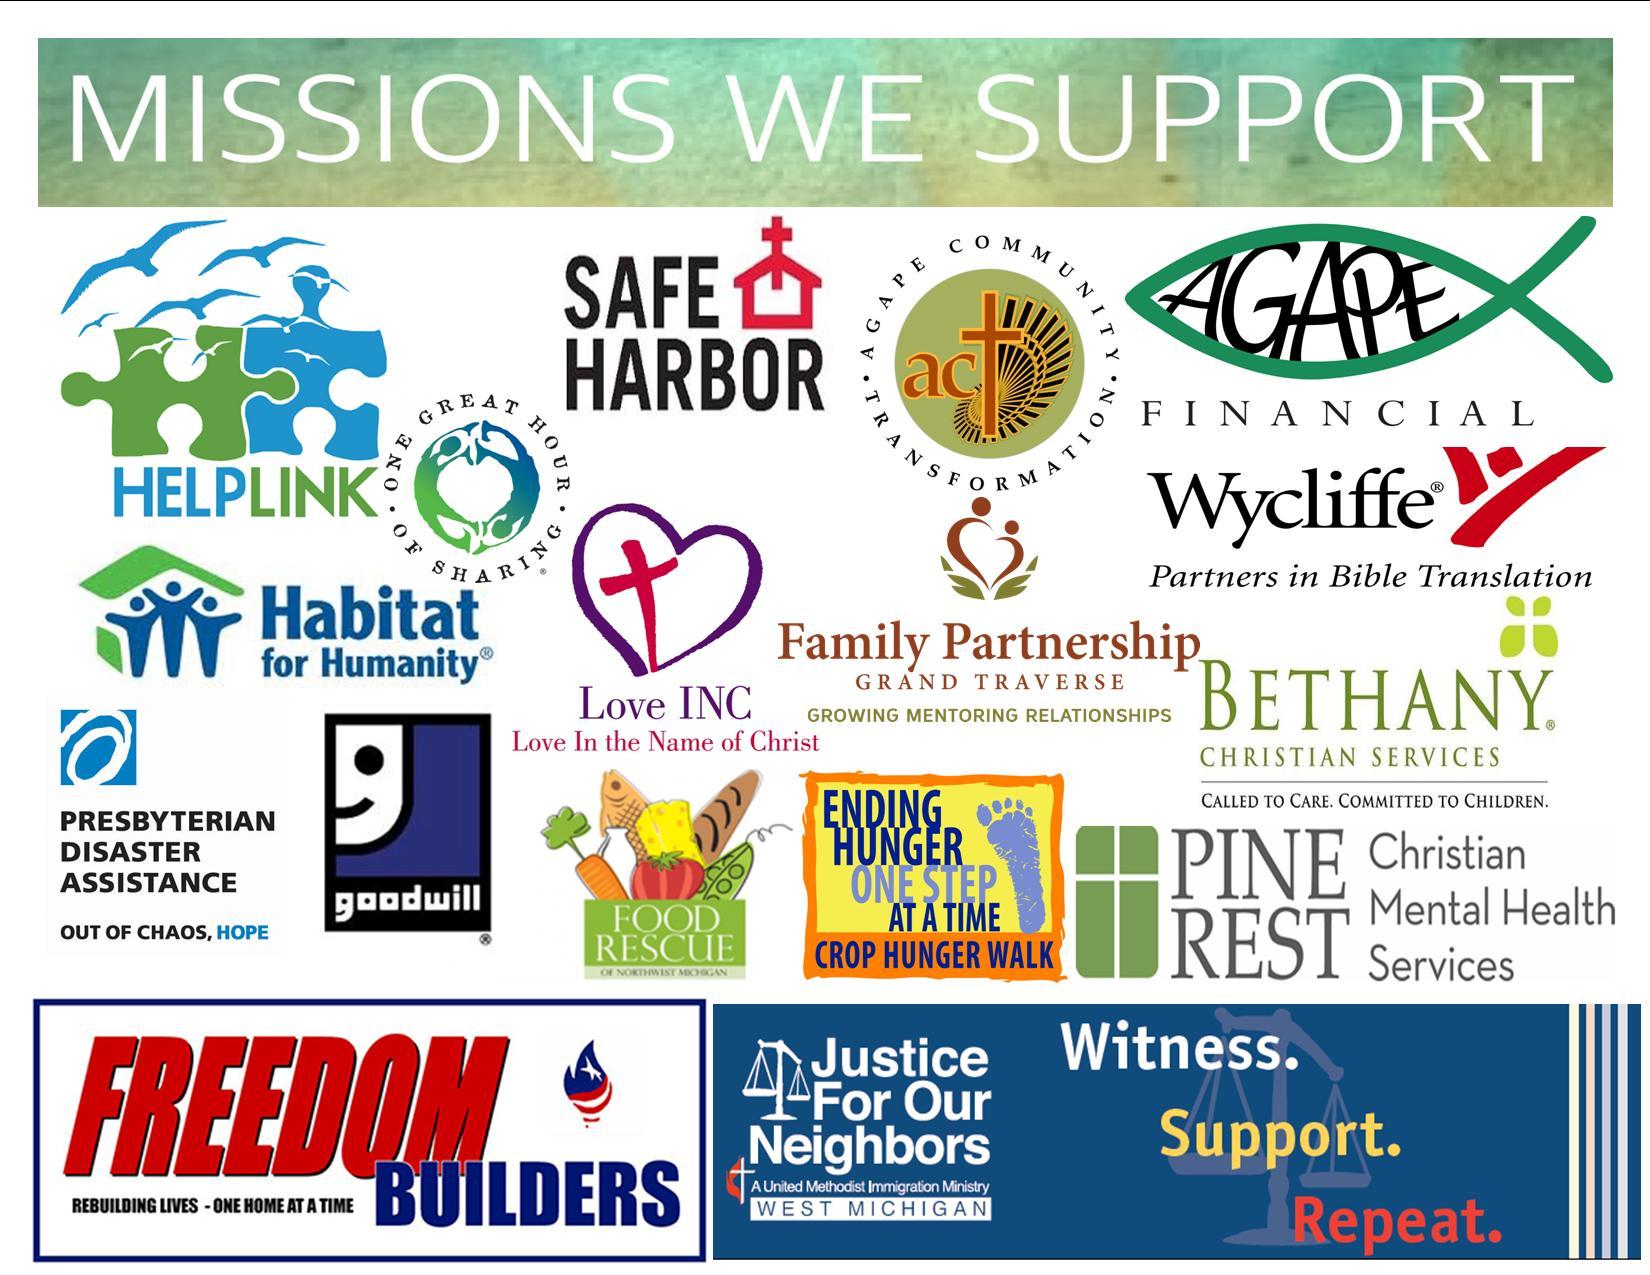 Mission Webpage Slide [1]